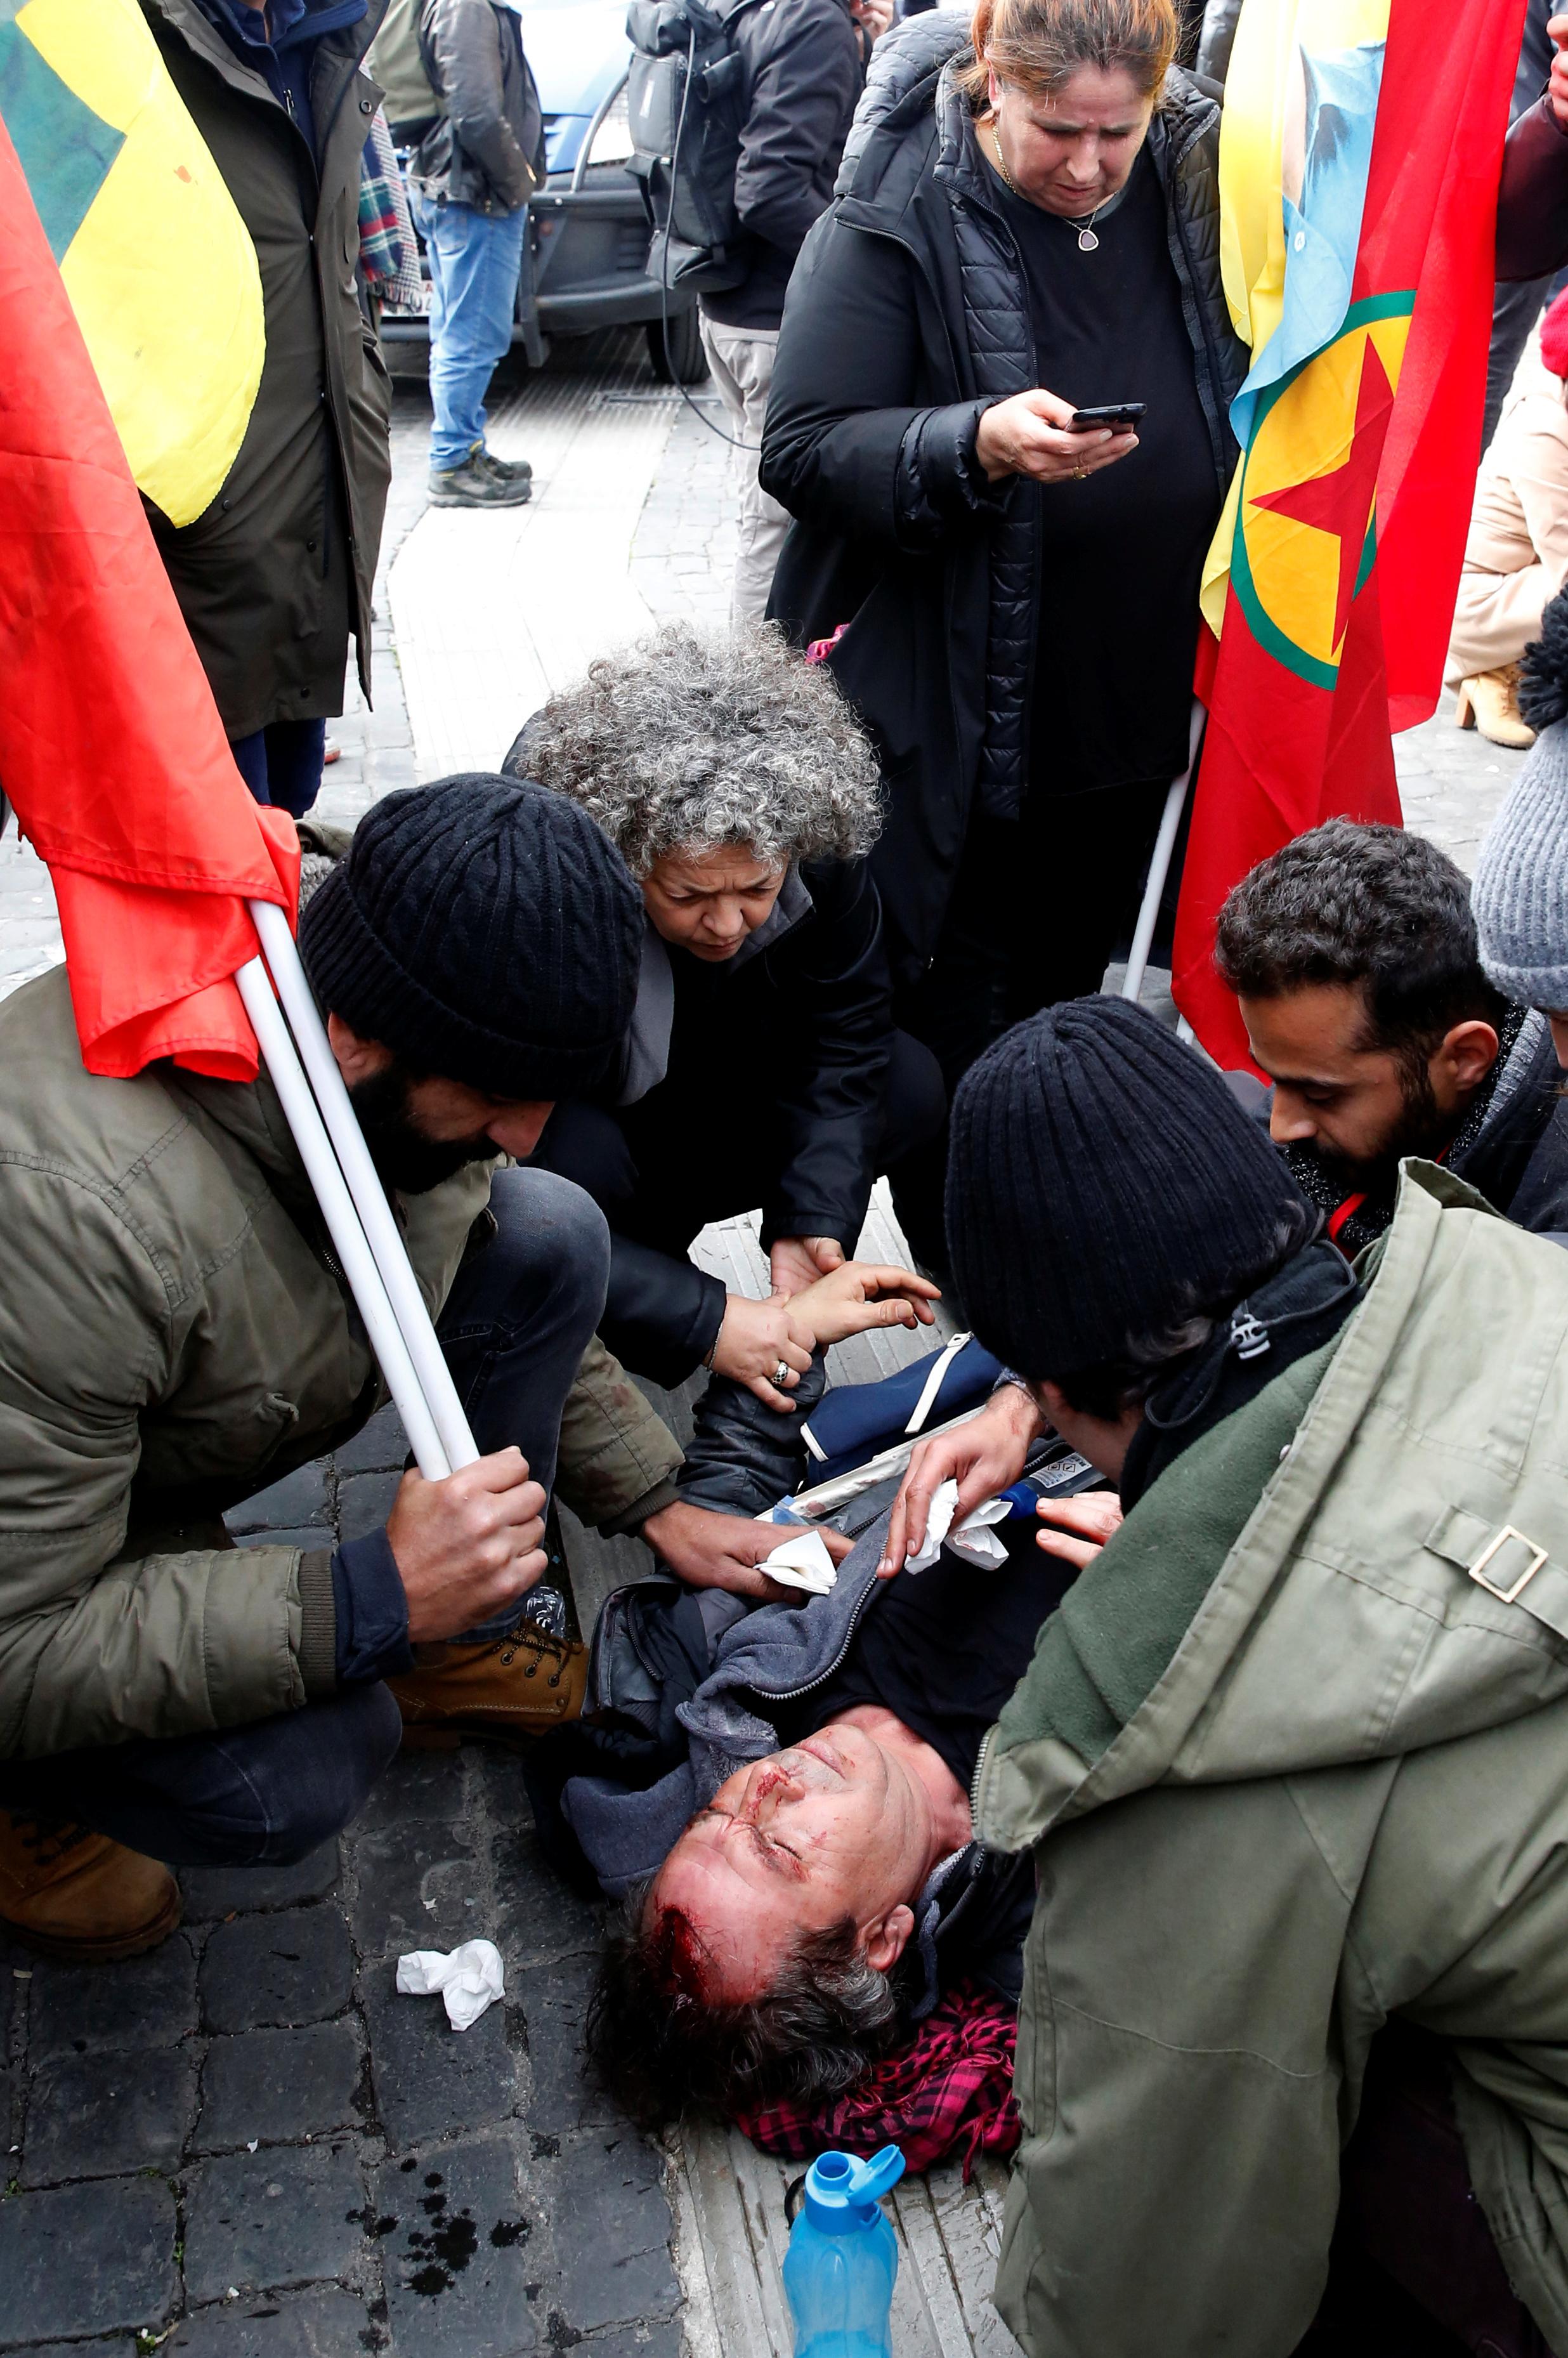 محاولات اسعاف متظاهر سقط فى الاشتباكات